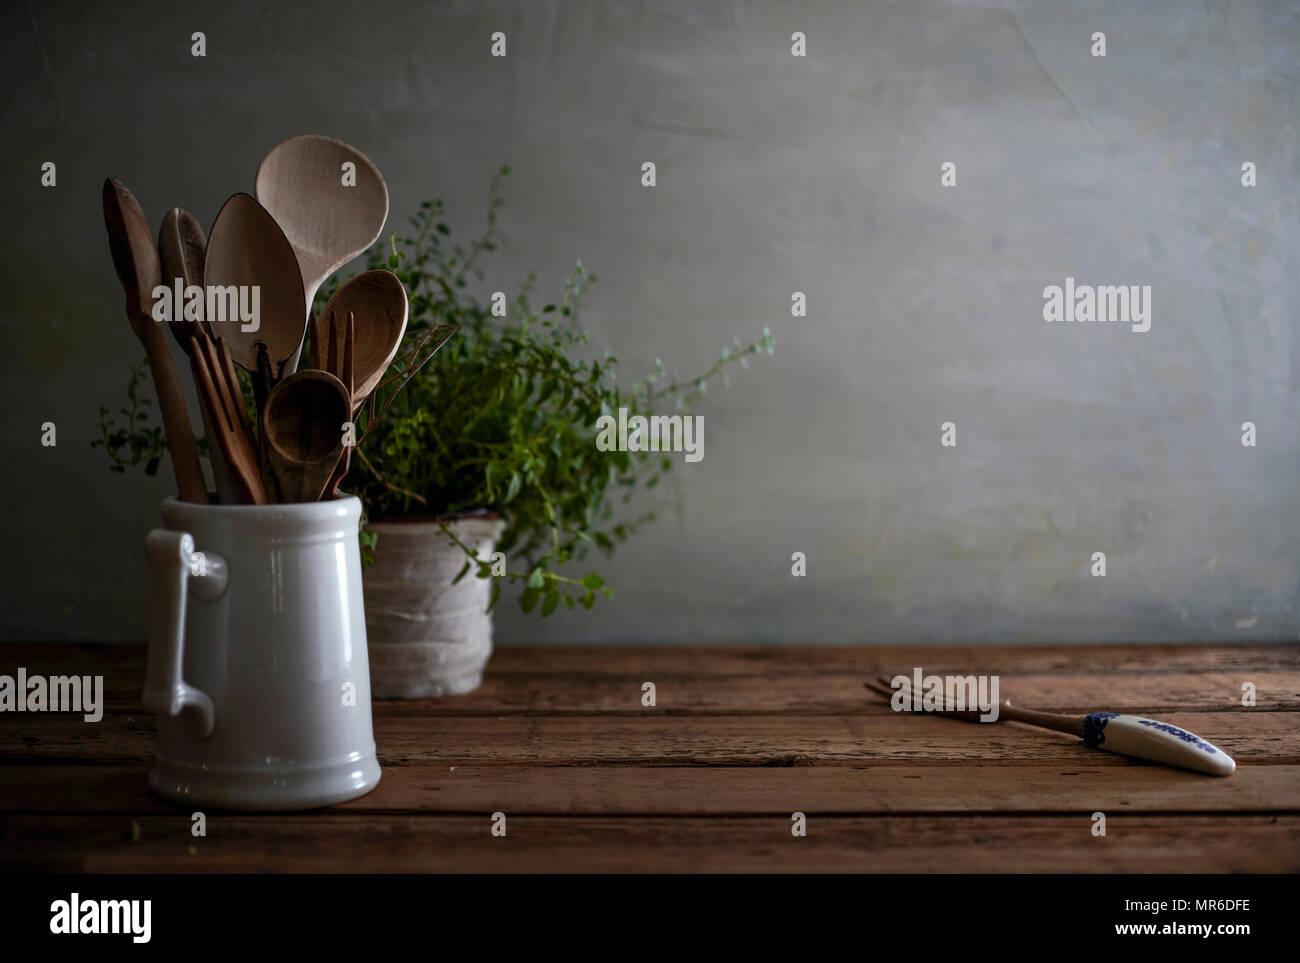 Ein Stilleben Bild von einem rustikalen, Holz Küchentheke mit Holzlöffel in einem Gefäß aus Porzellan und eine schöne, verwirrte Oregano Pflanze im Hintergrund. Stockbild